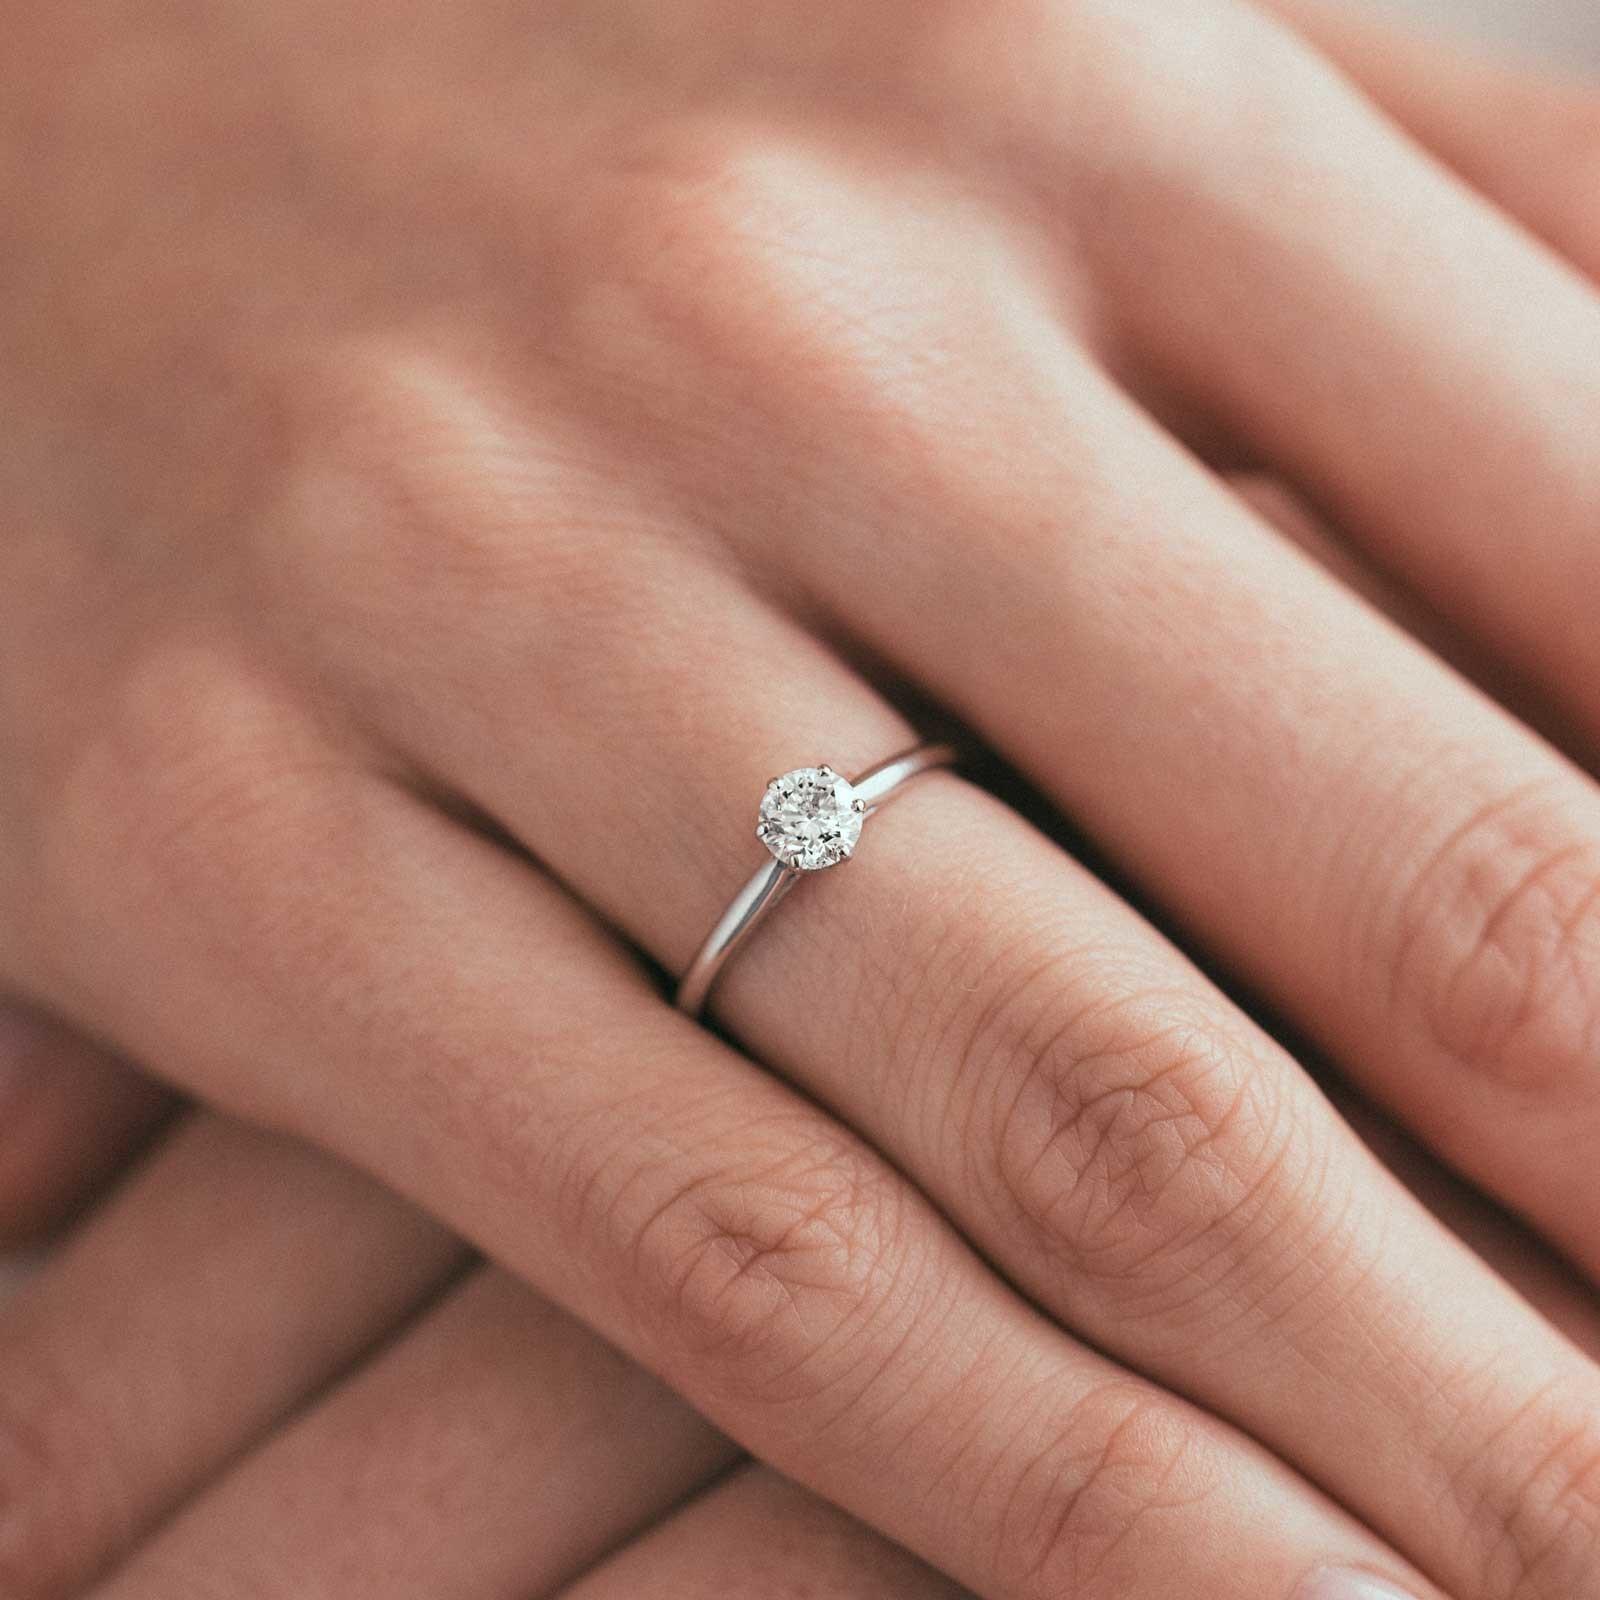 bague-or-blanc-solitaire-diamant